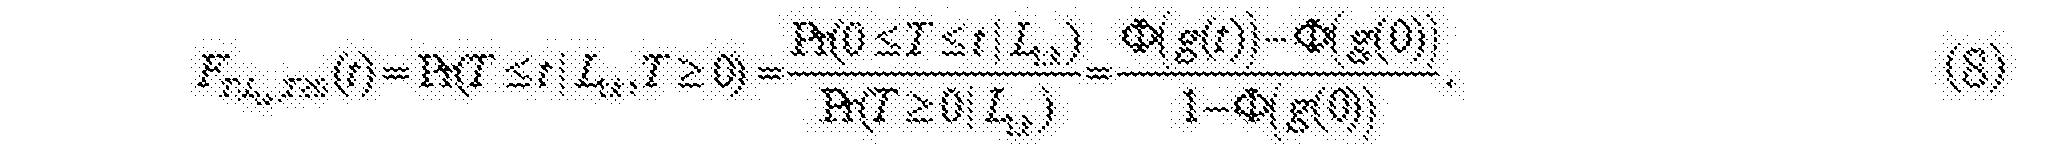 Figure CN104573881BC00045